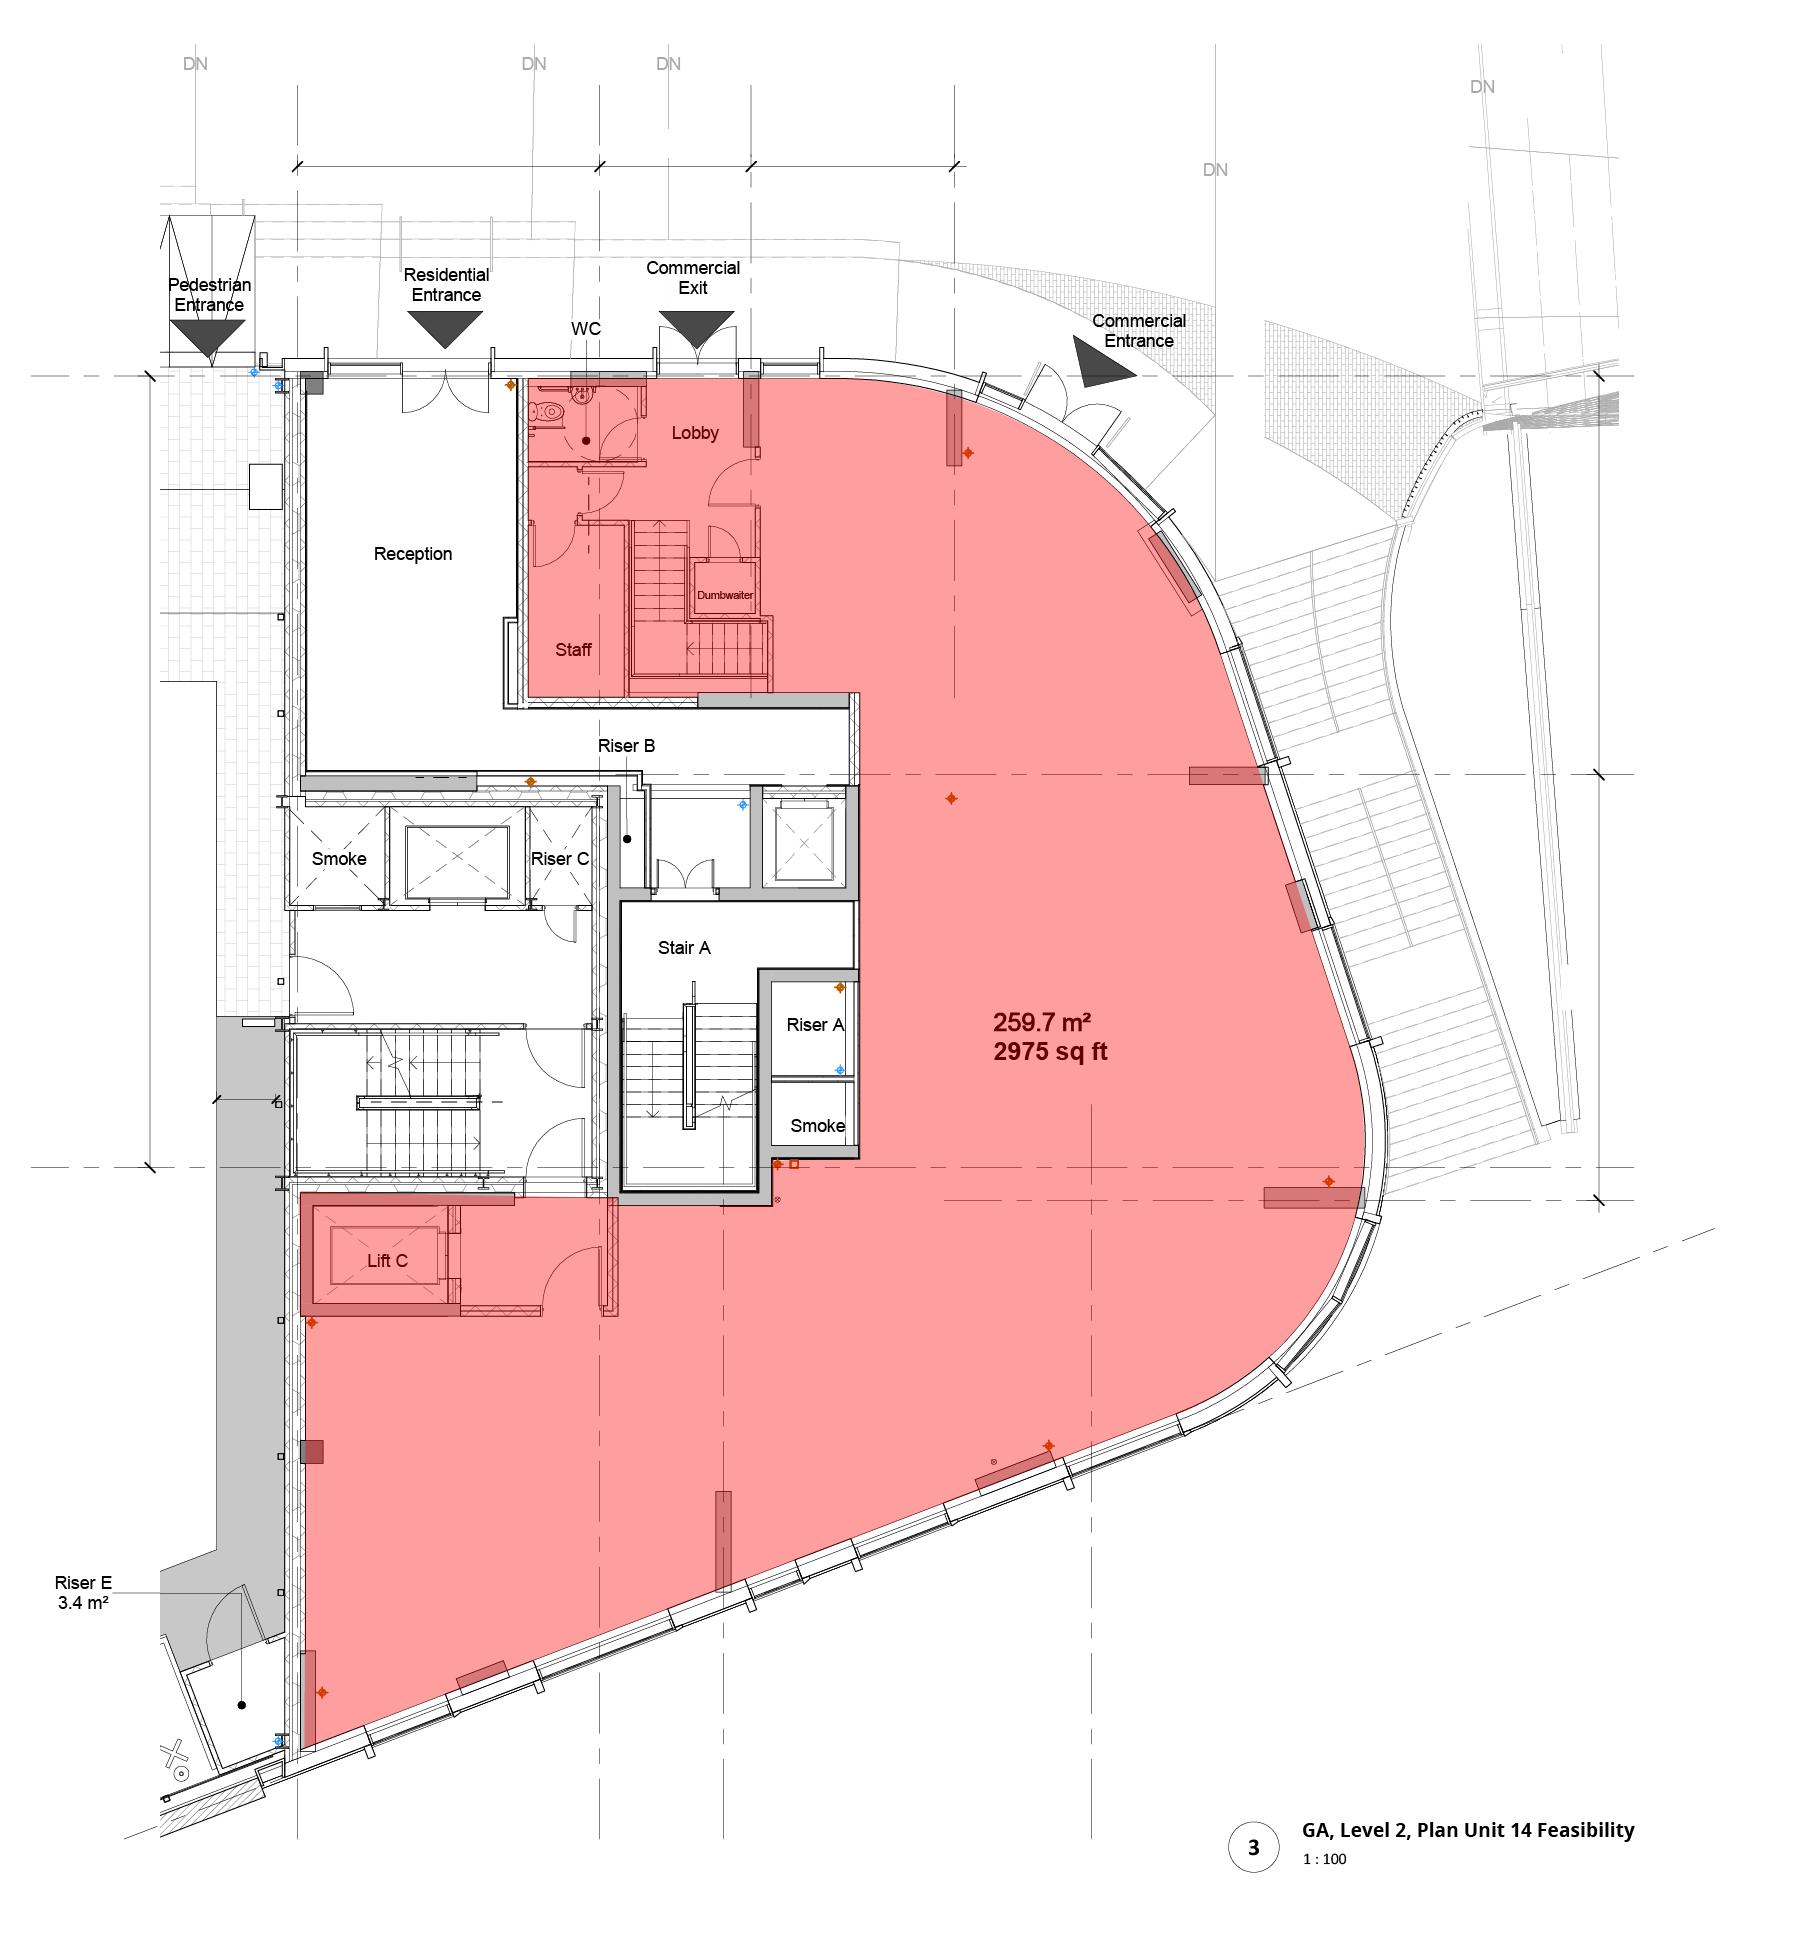 Unit 14, level 2